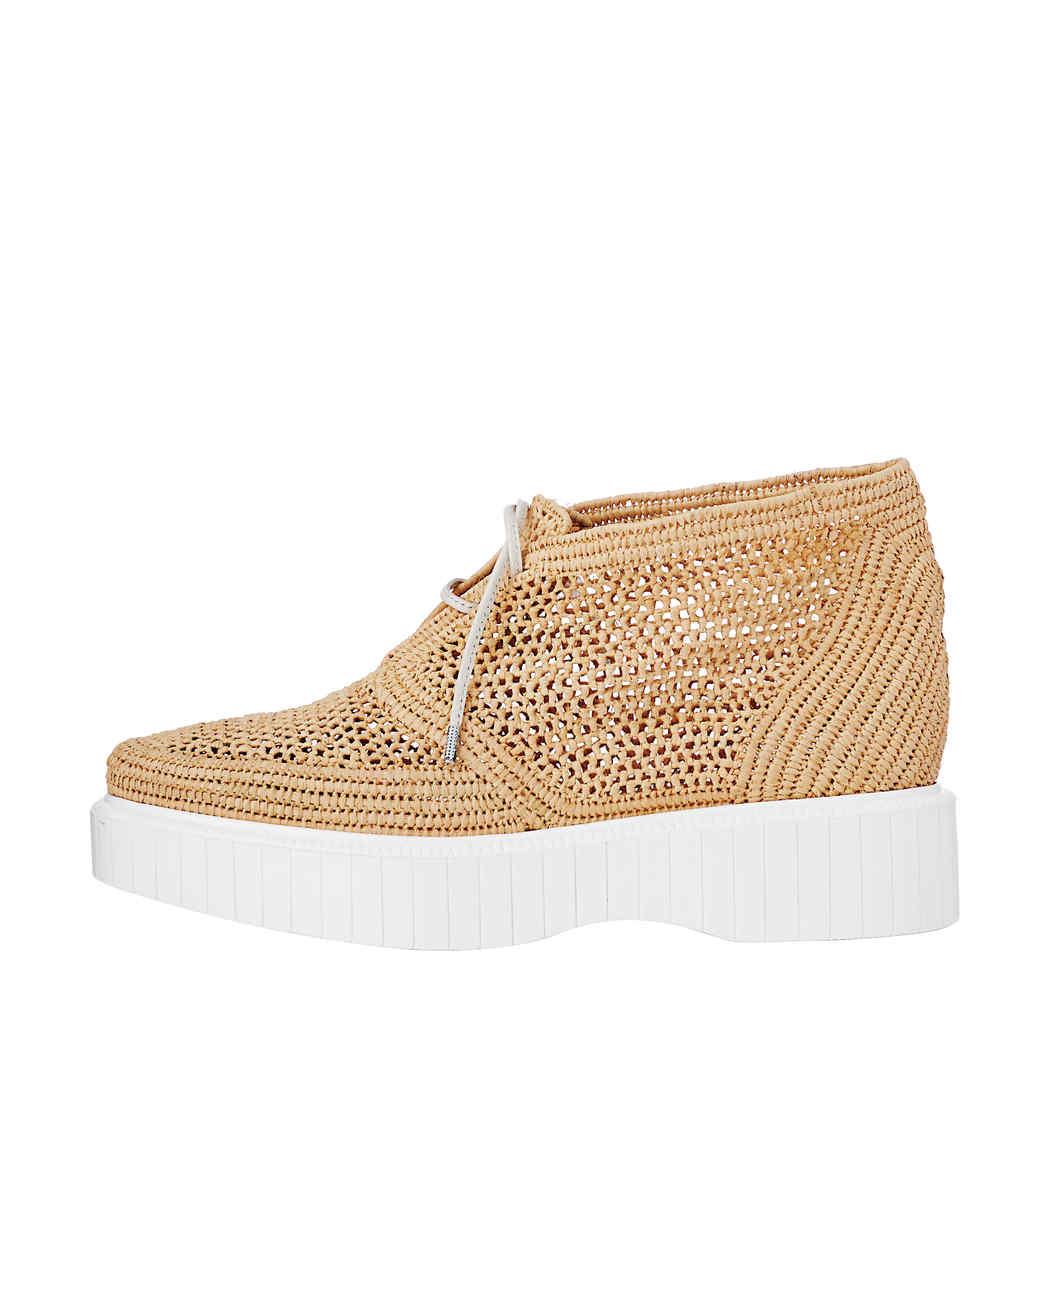 clergerie-sneakers-106-d111021.jpg